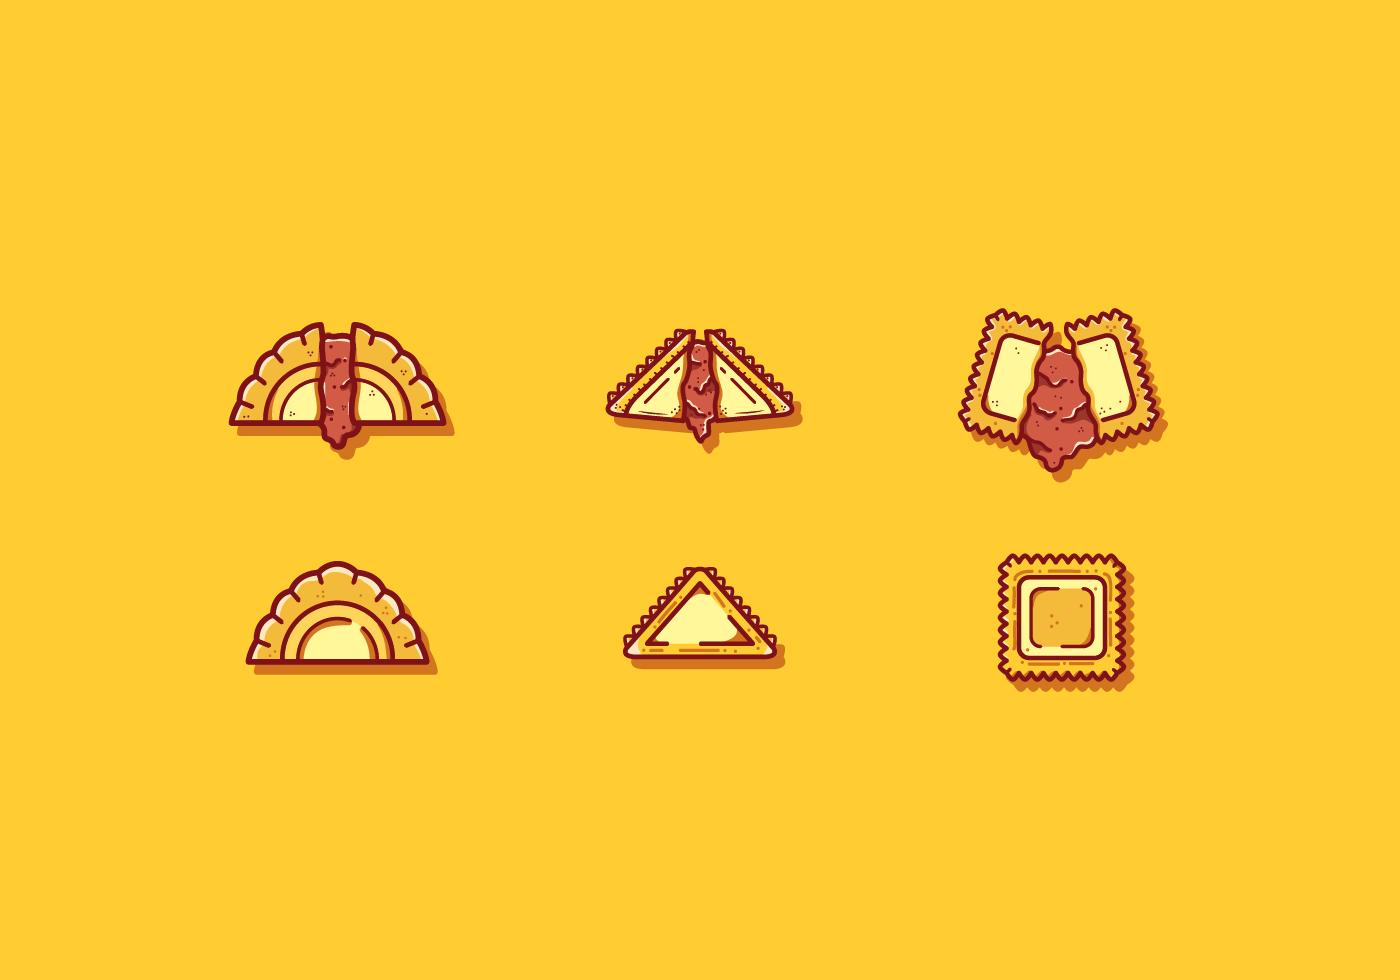 美食icon 免費下載   天天瘋後製